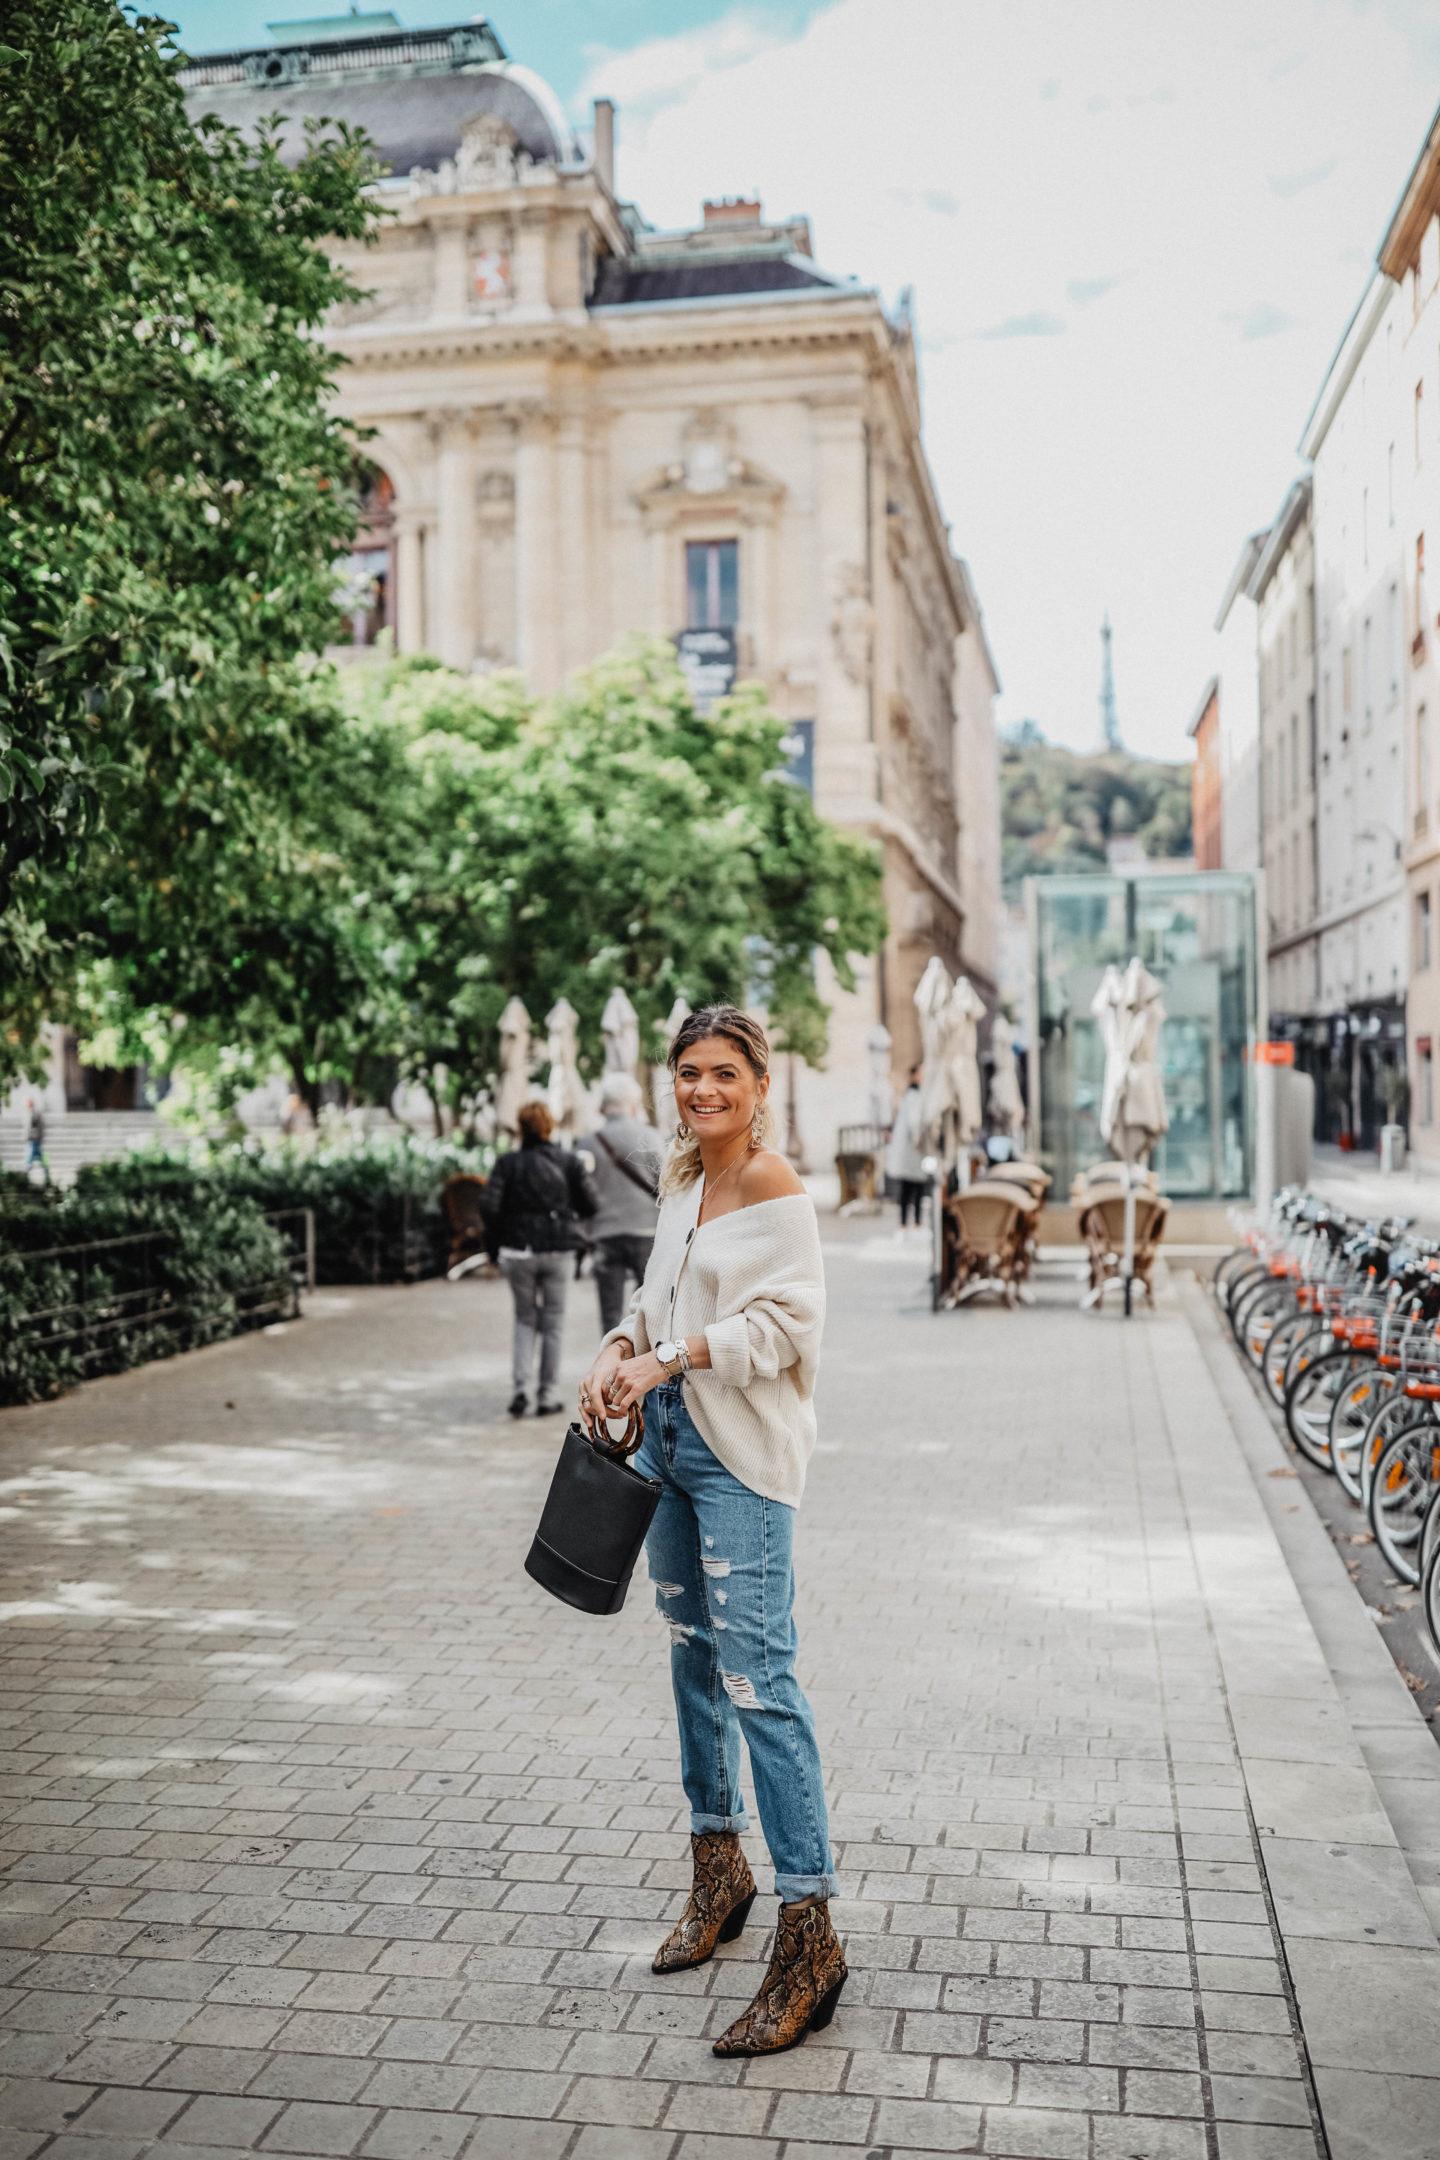 Idée de tenue femme pour l'automne marie and mood blog